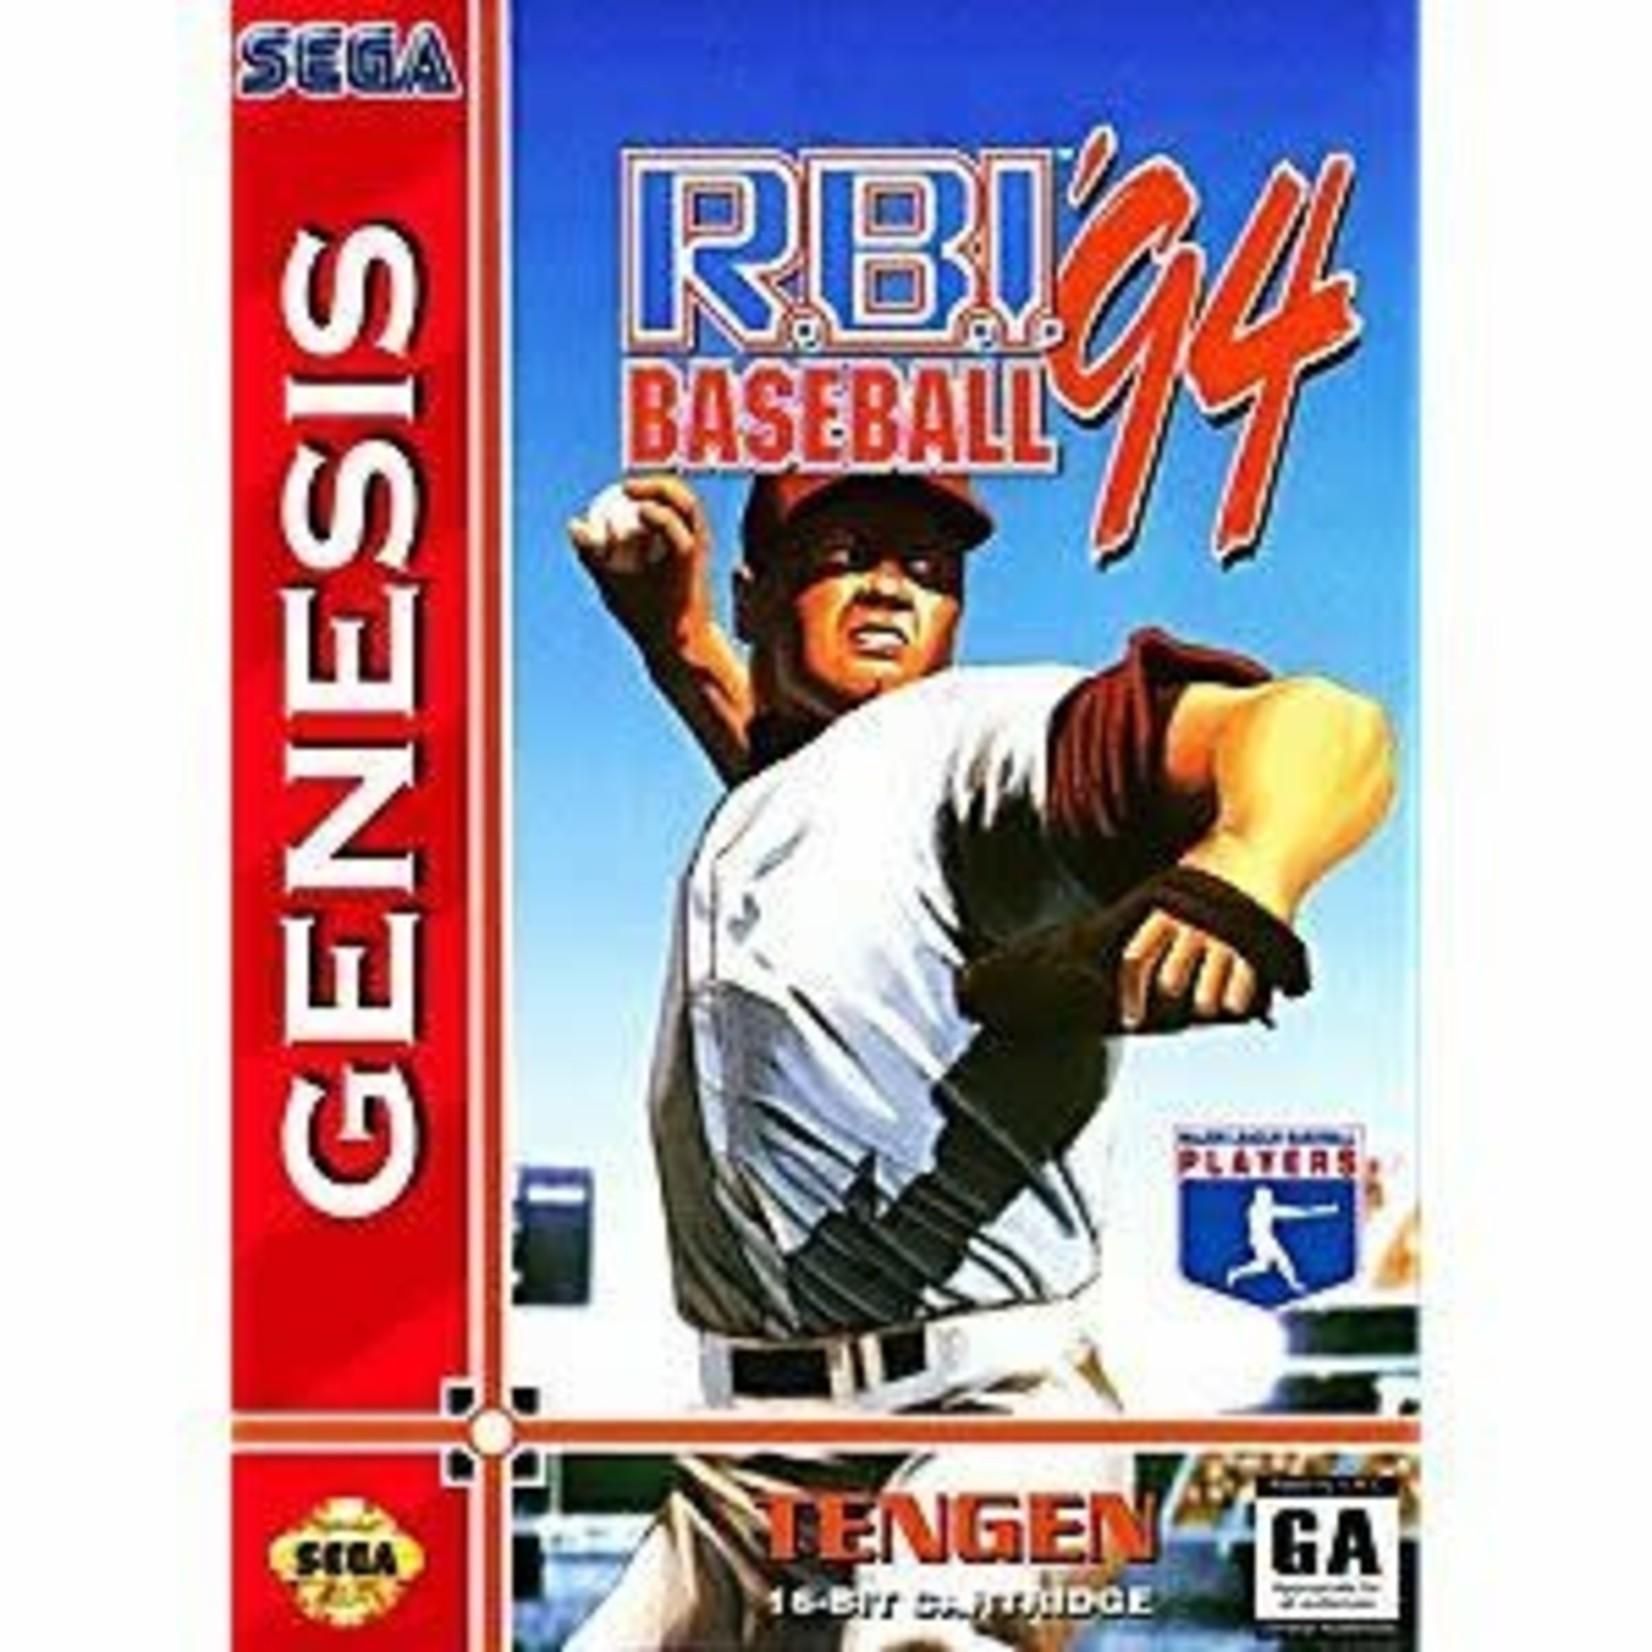 sgu-RBI Baseball 94 (cartridge)